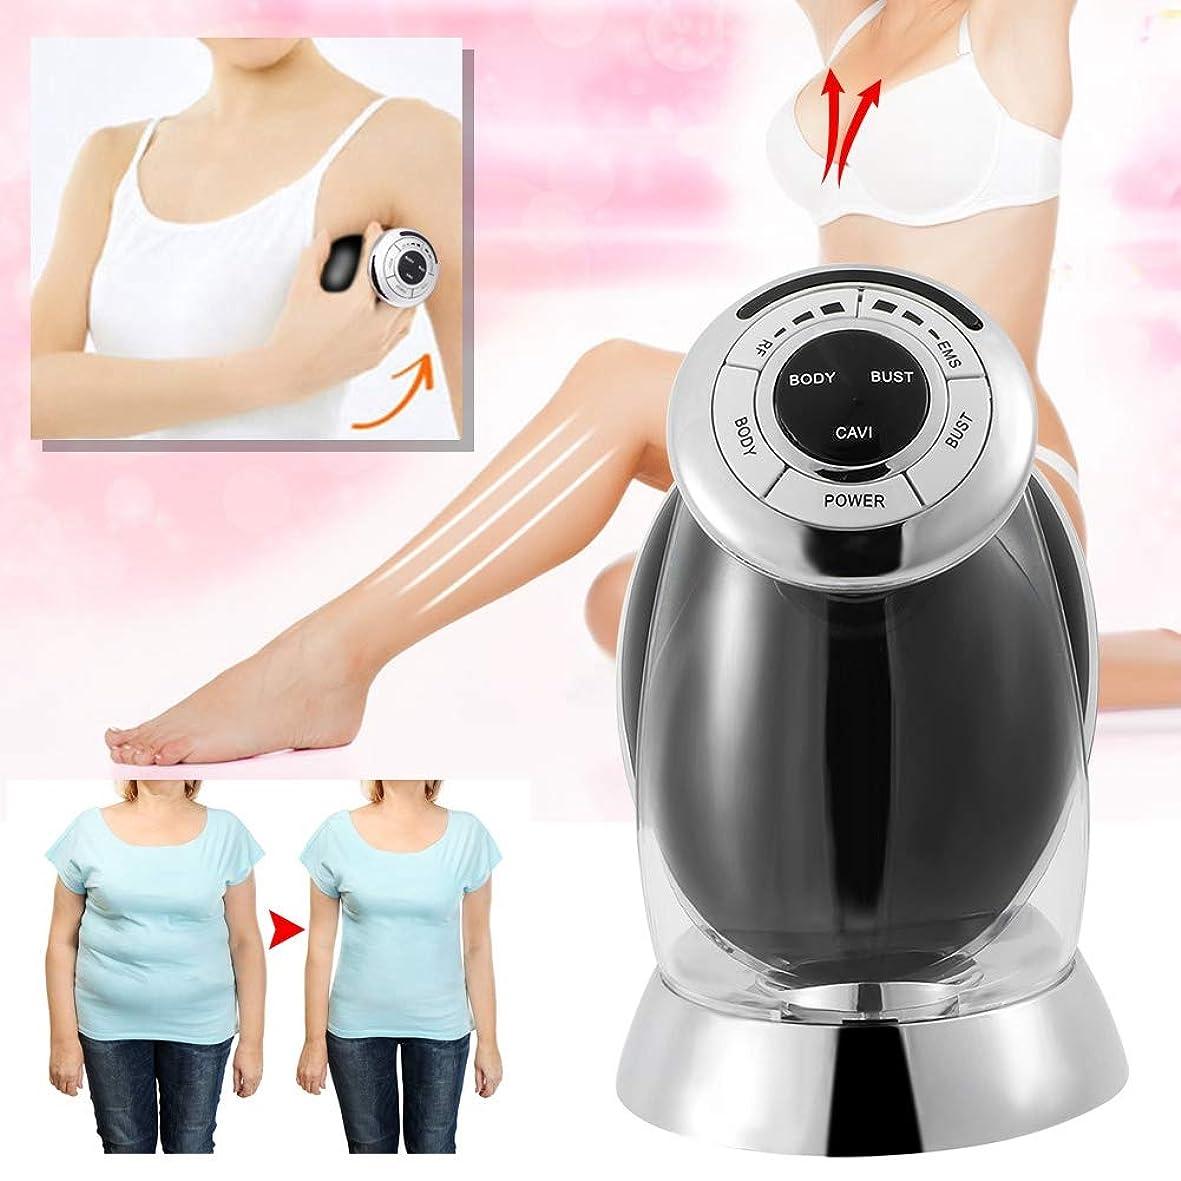 を除く最後にガラス胸美容ツール、ボディ痩身マシン、EMS RF脂肪燃焼マシン、痩身ボディ、乳房脂肪美容機器の燃焼用(AU)